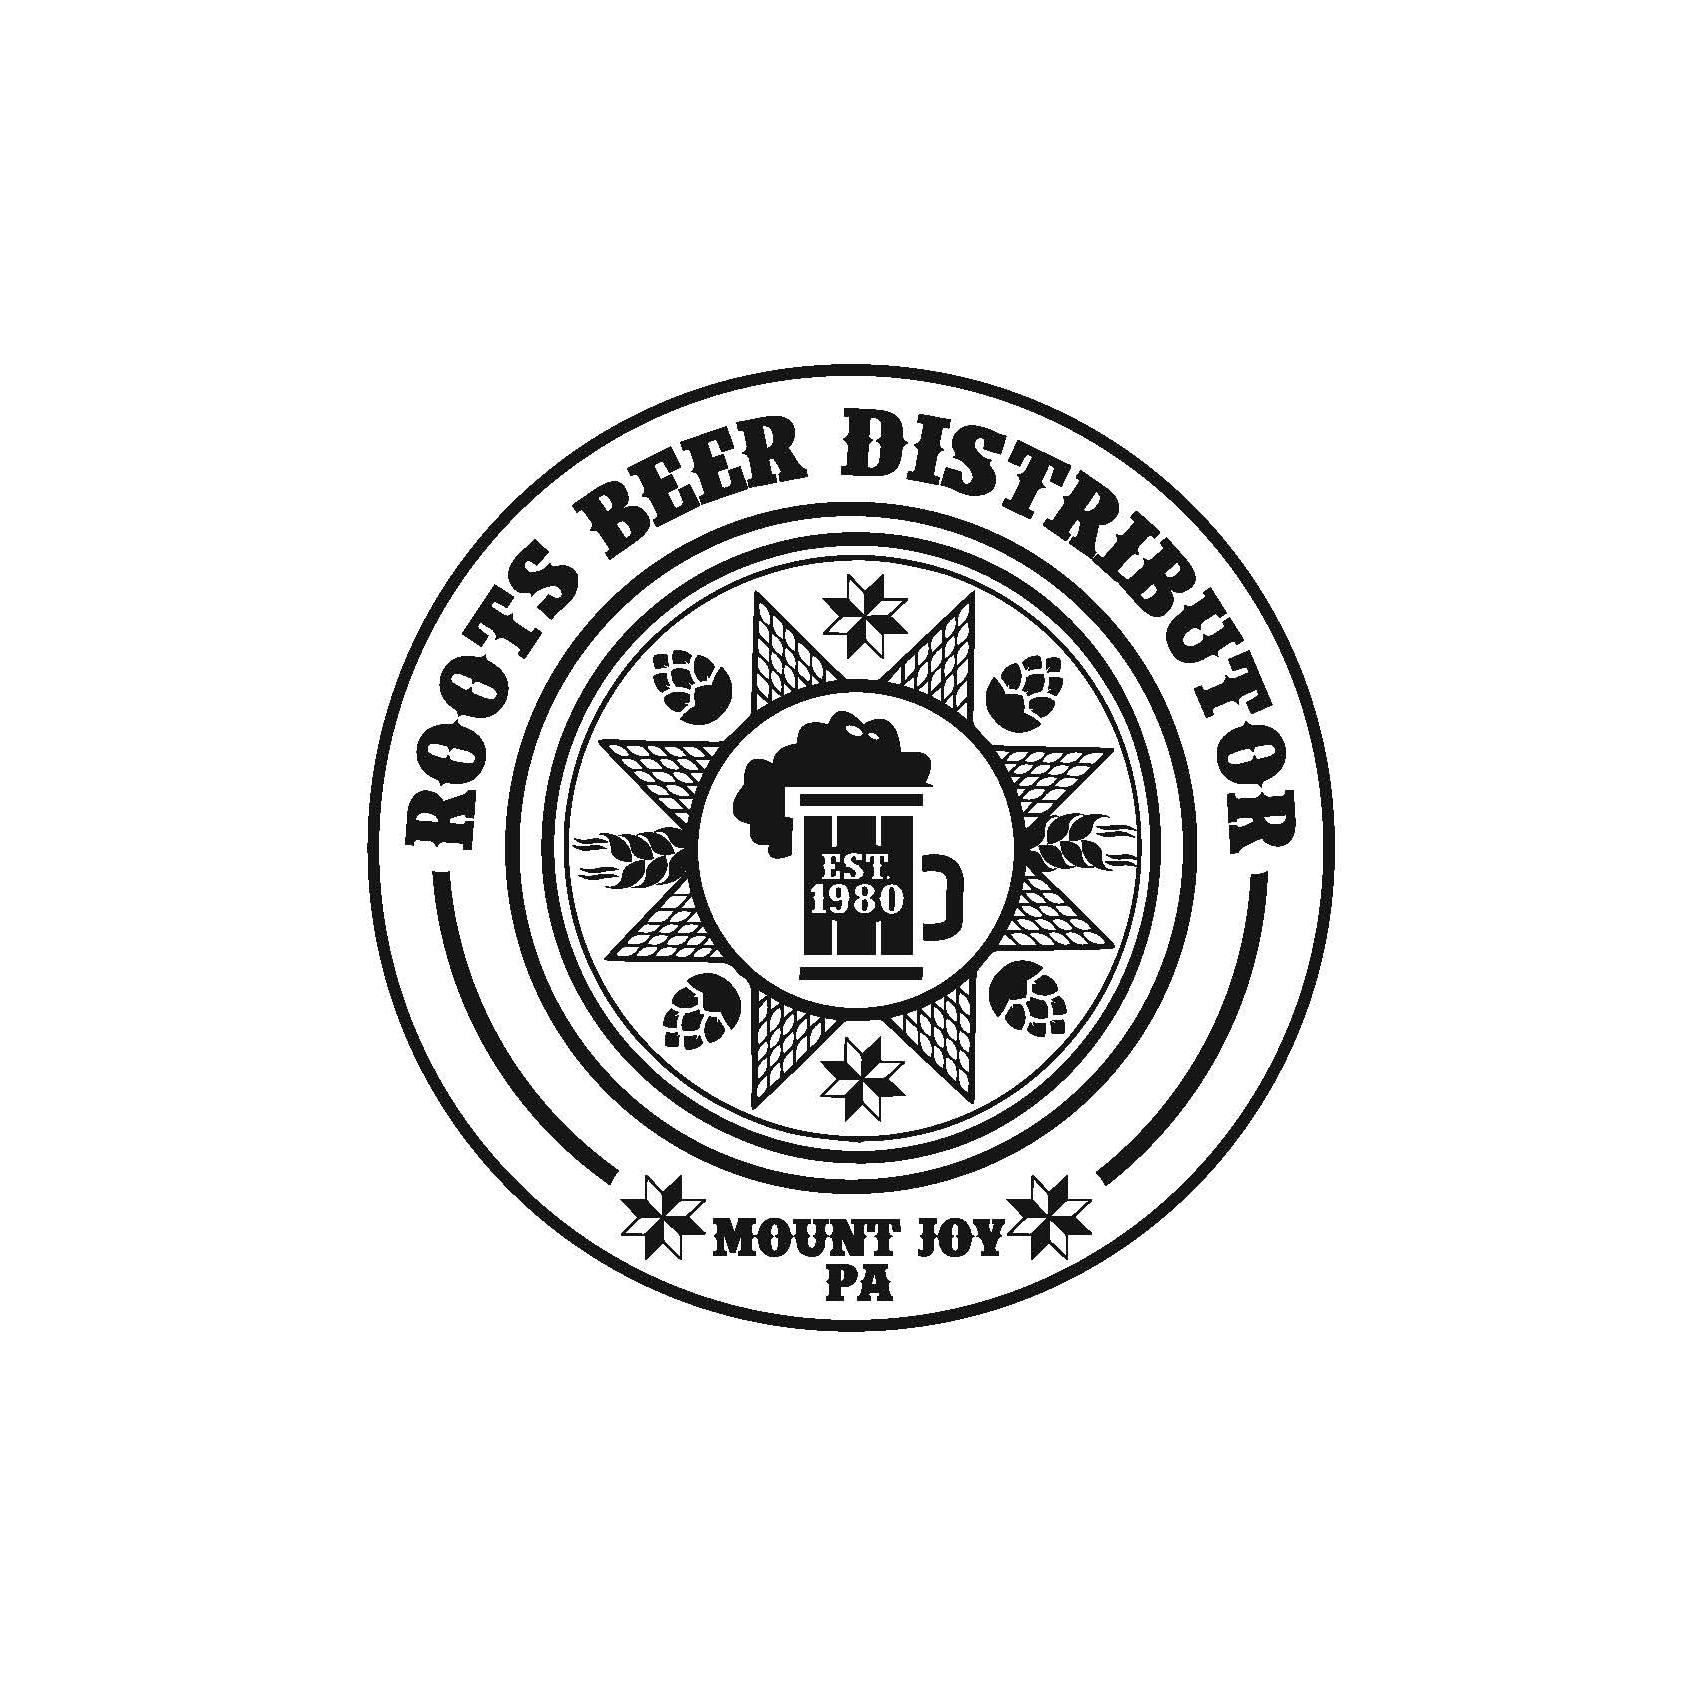 Roots Beer Distributor